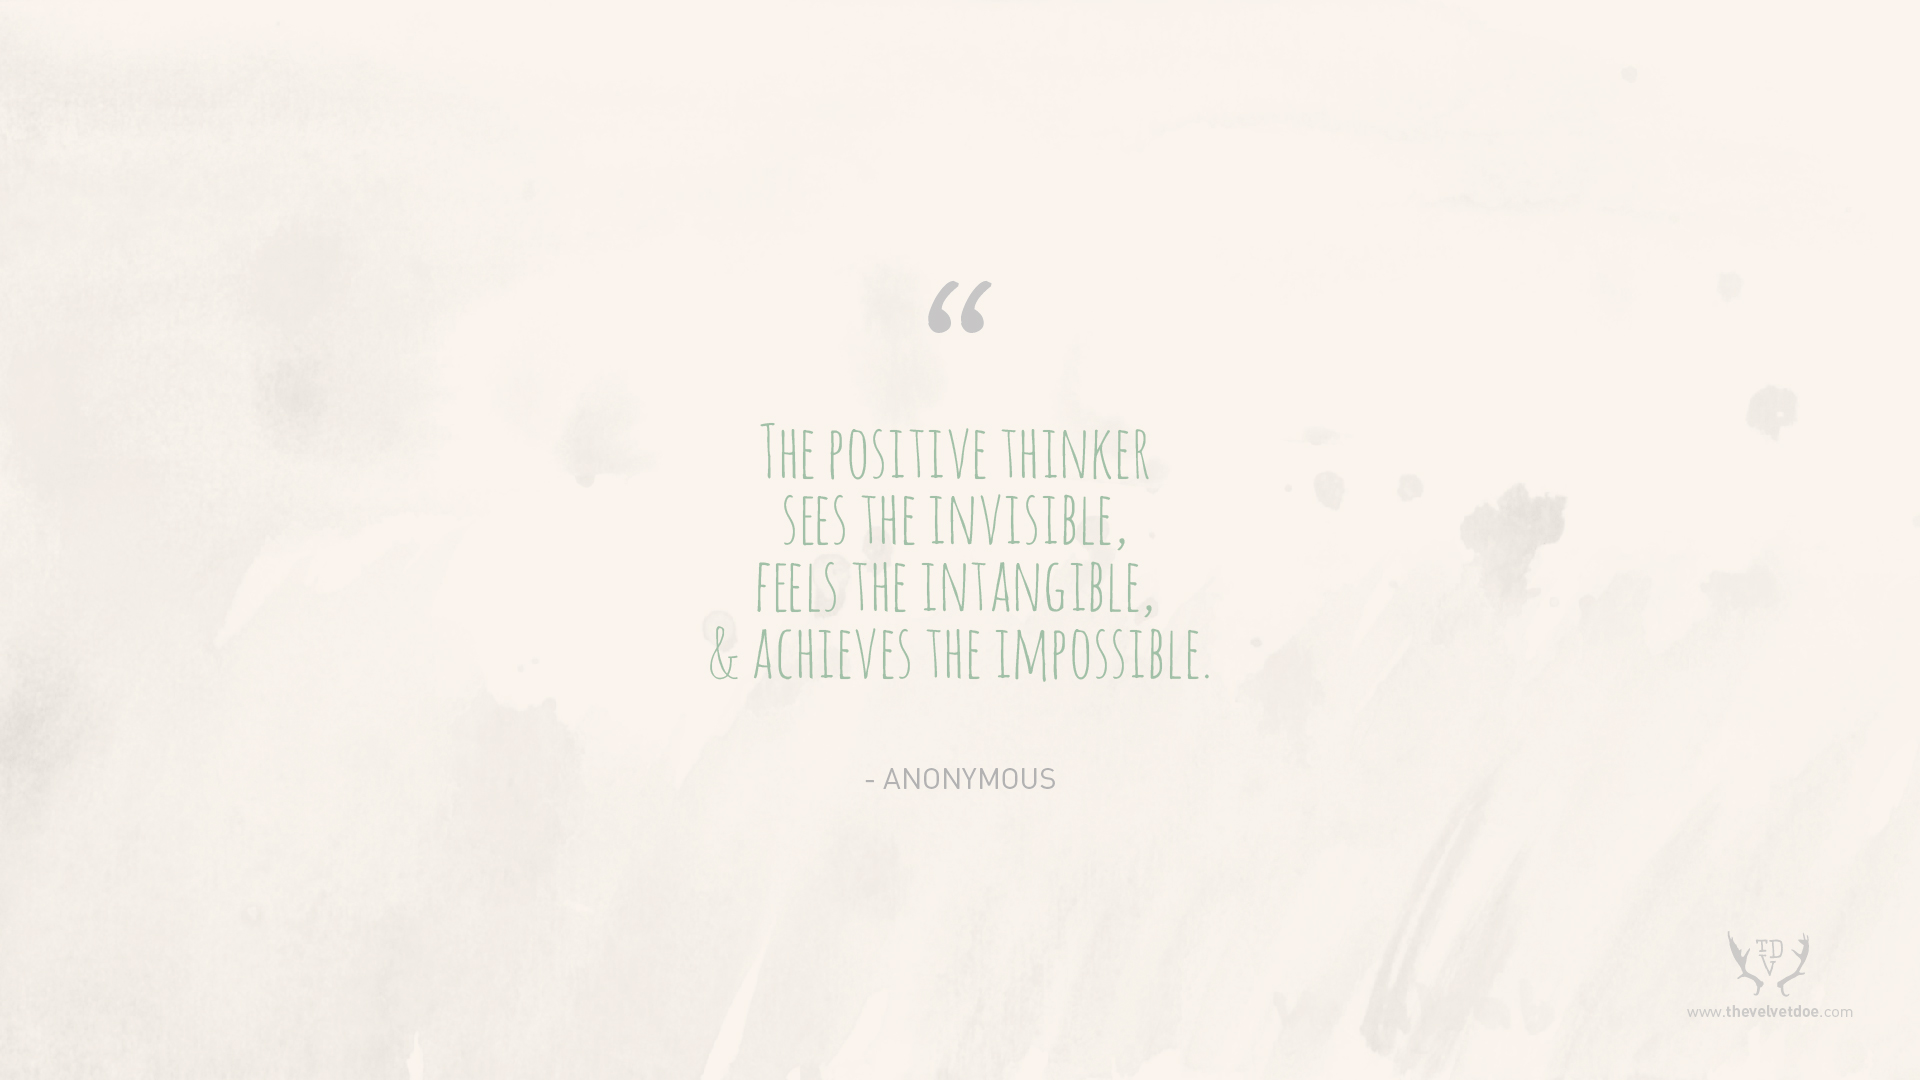 Velvet quote #1